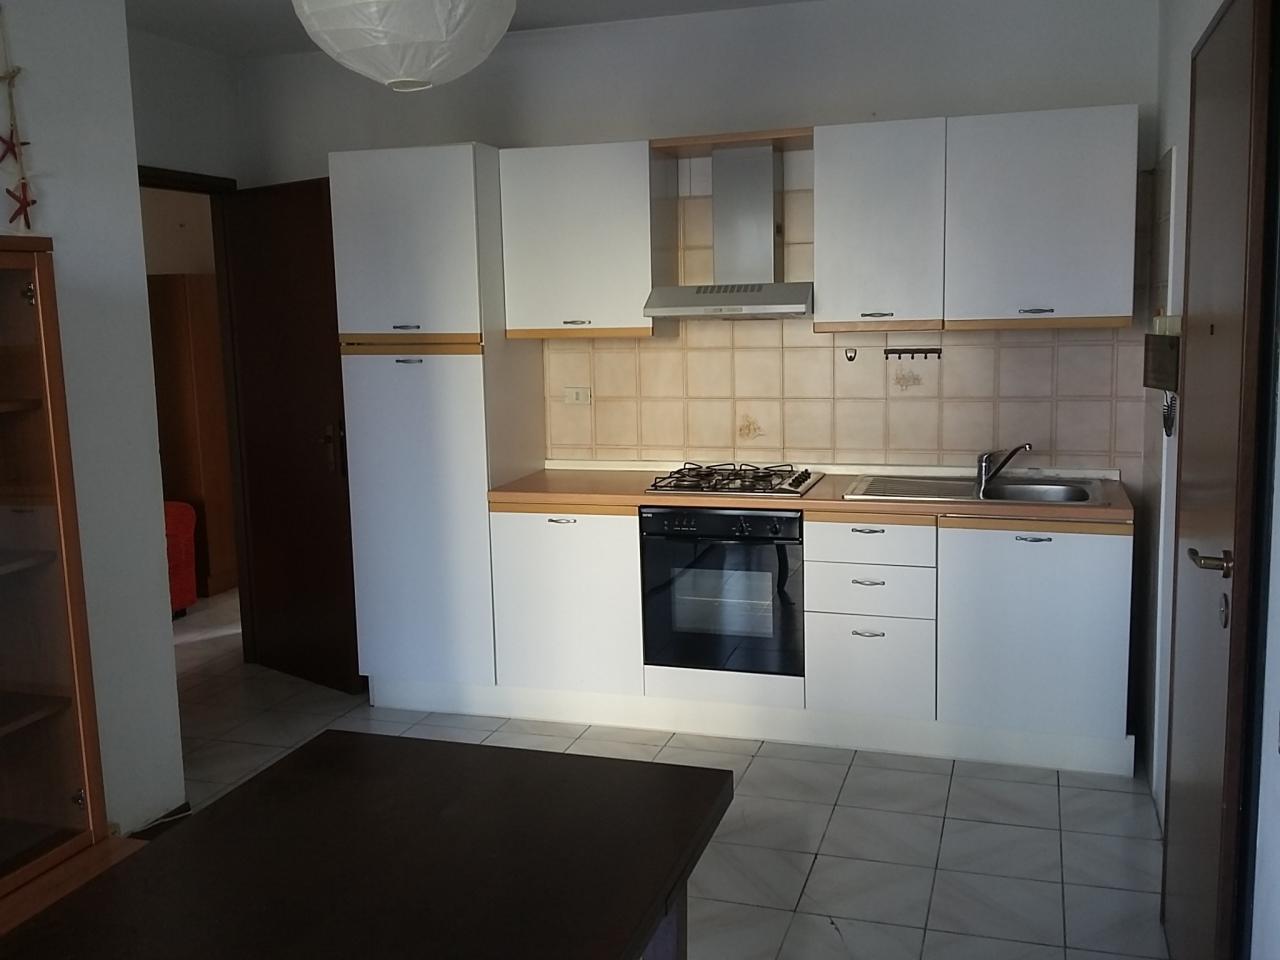 Appartamento in vendita a Gallarate, 3 locali, prezzo € 99.000 | PortaleAgenzieImmobiliari.it